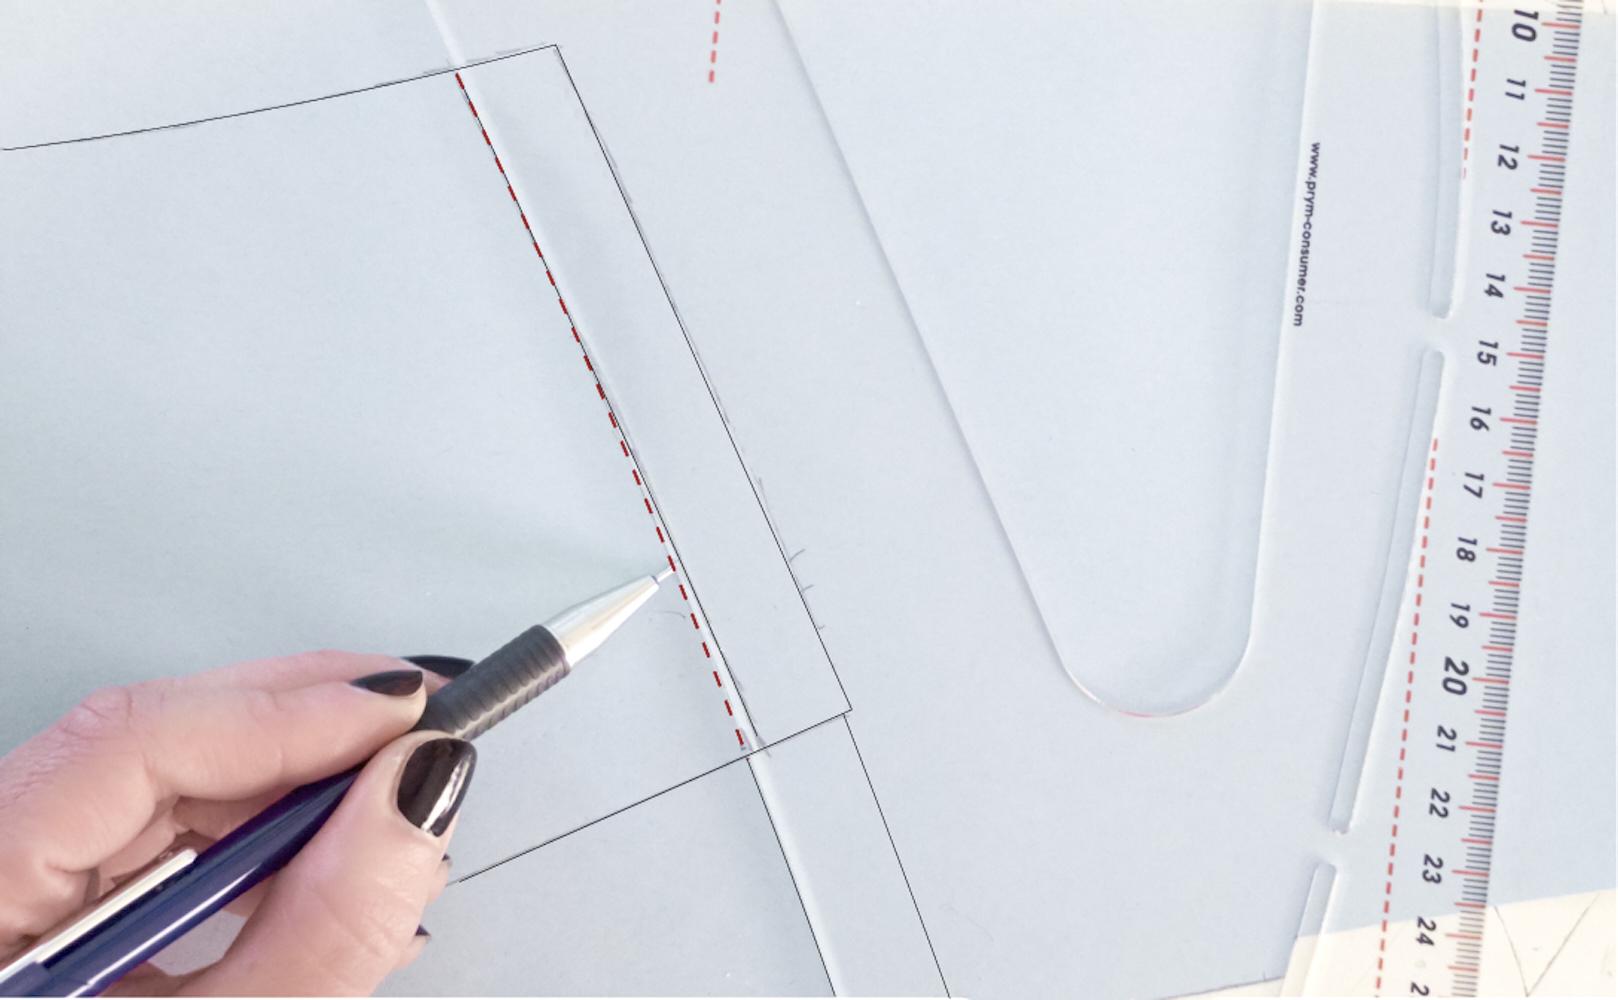 ::::blend to restore the flow of the side seam ::raccorda per ripristinare la continuità della cucitura laterale. ::::